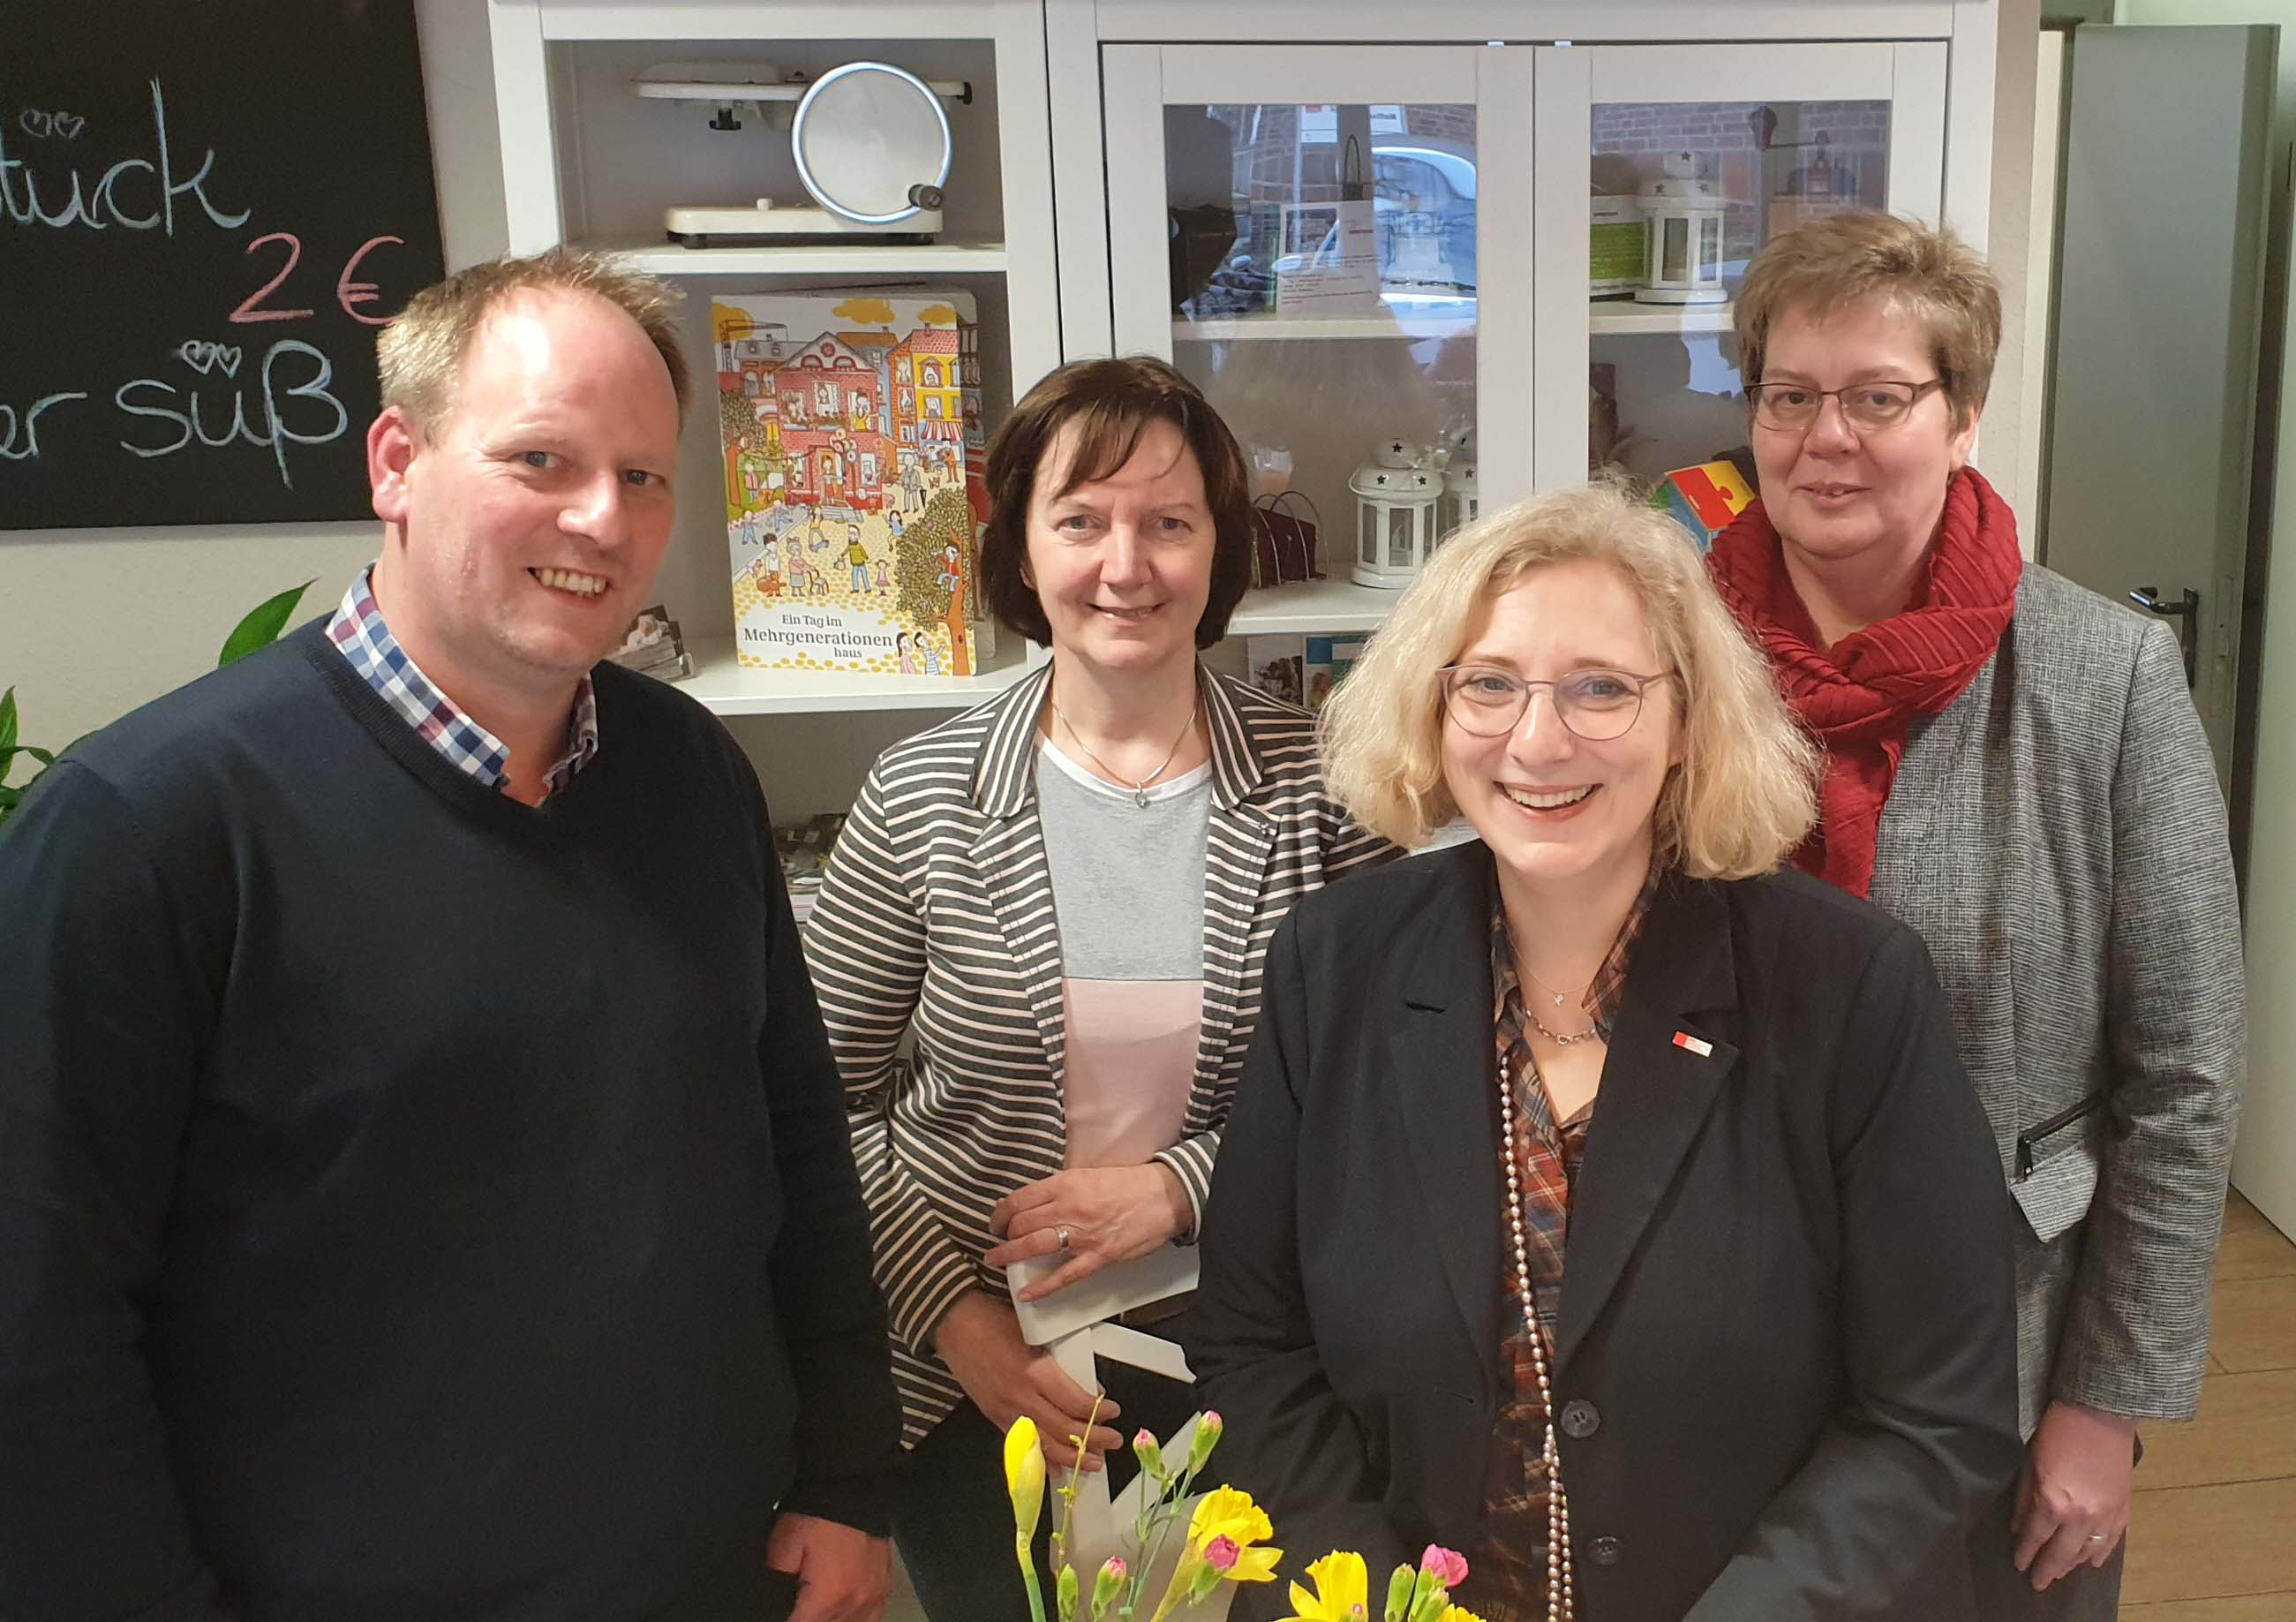 Dr. Daniela De Ridder zu Besuch im Mehrgenerationenhaus in Lingen. Dort kam sie mit rank Lüßling, Gisela Bolmer und Marita Theilen ins Gespräch.